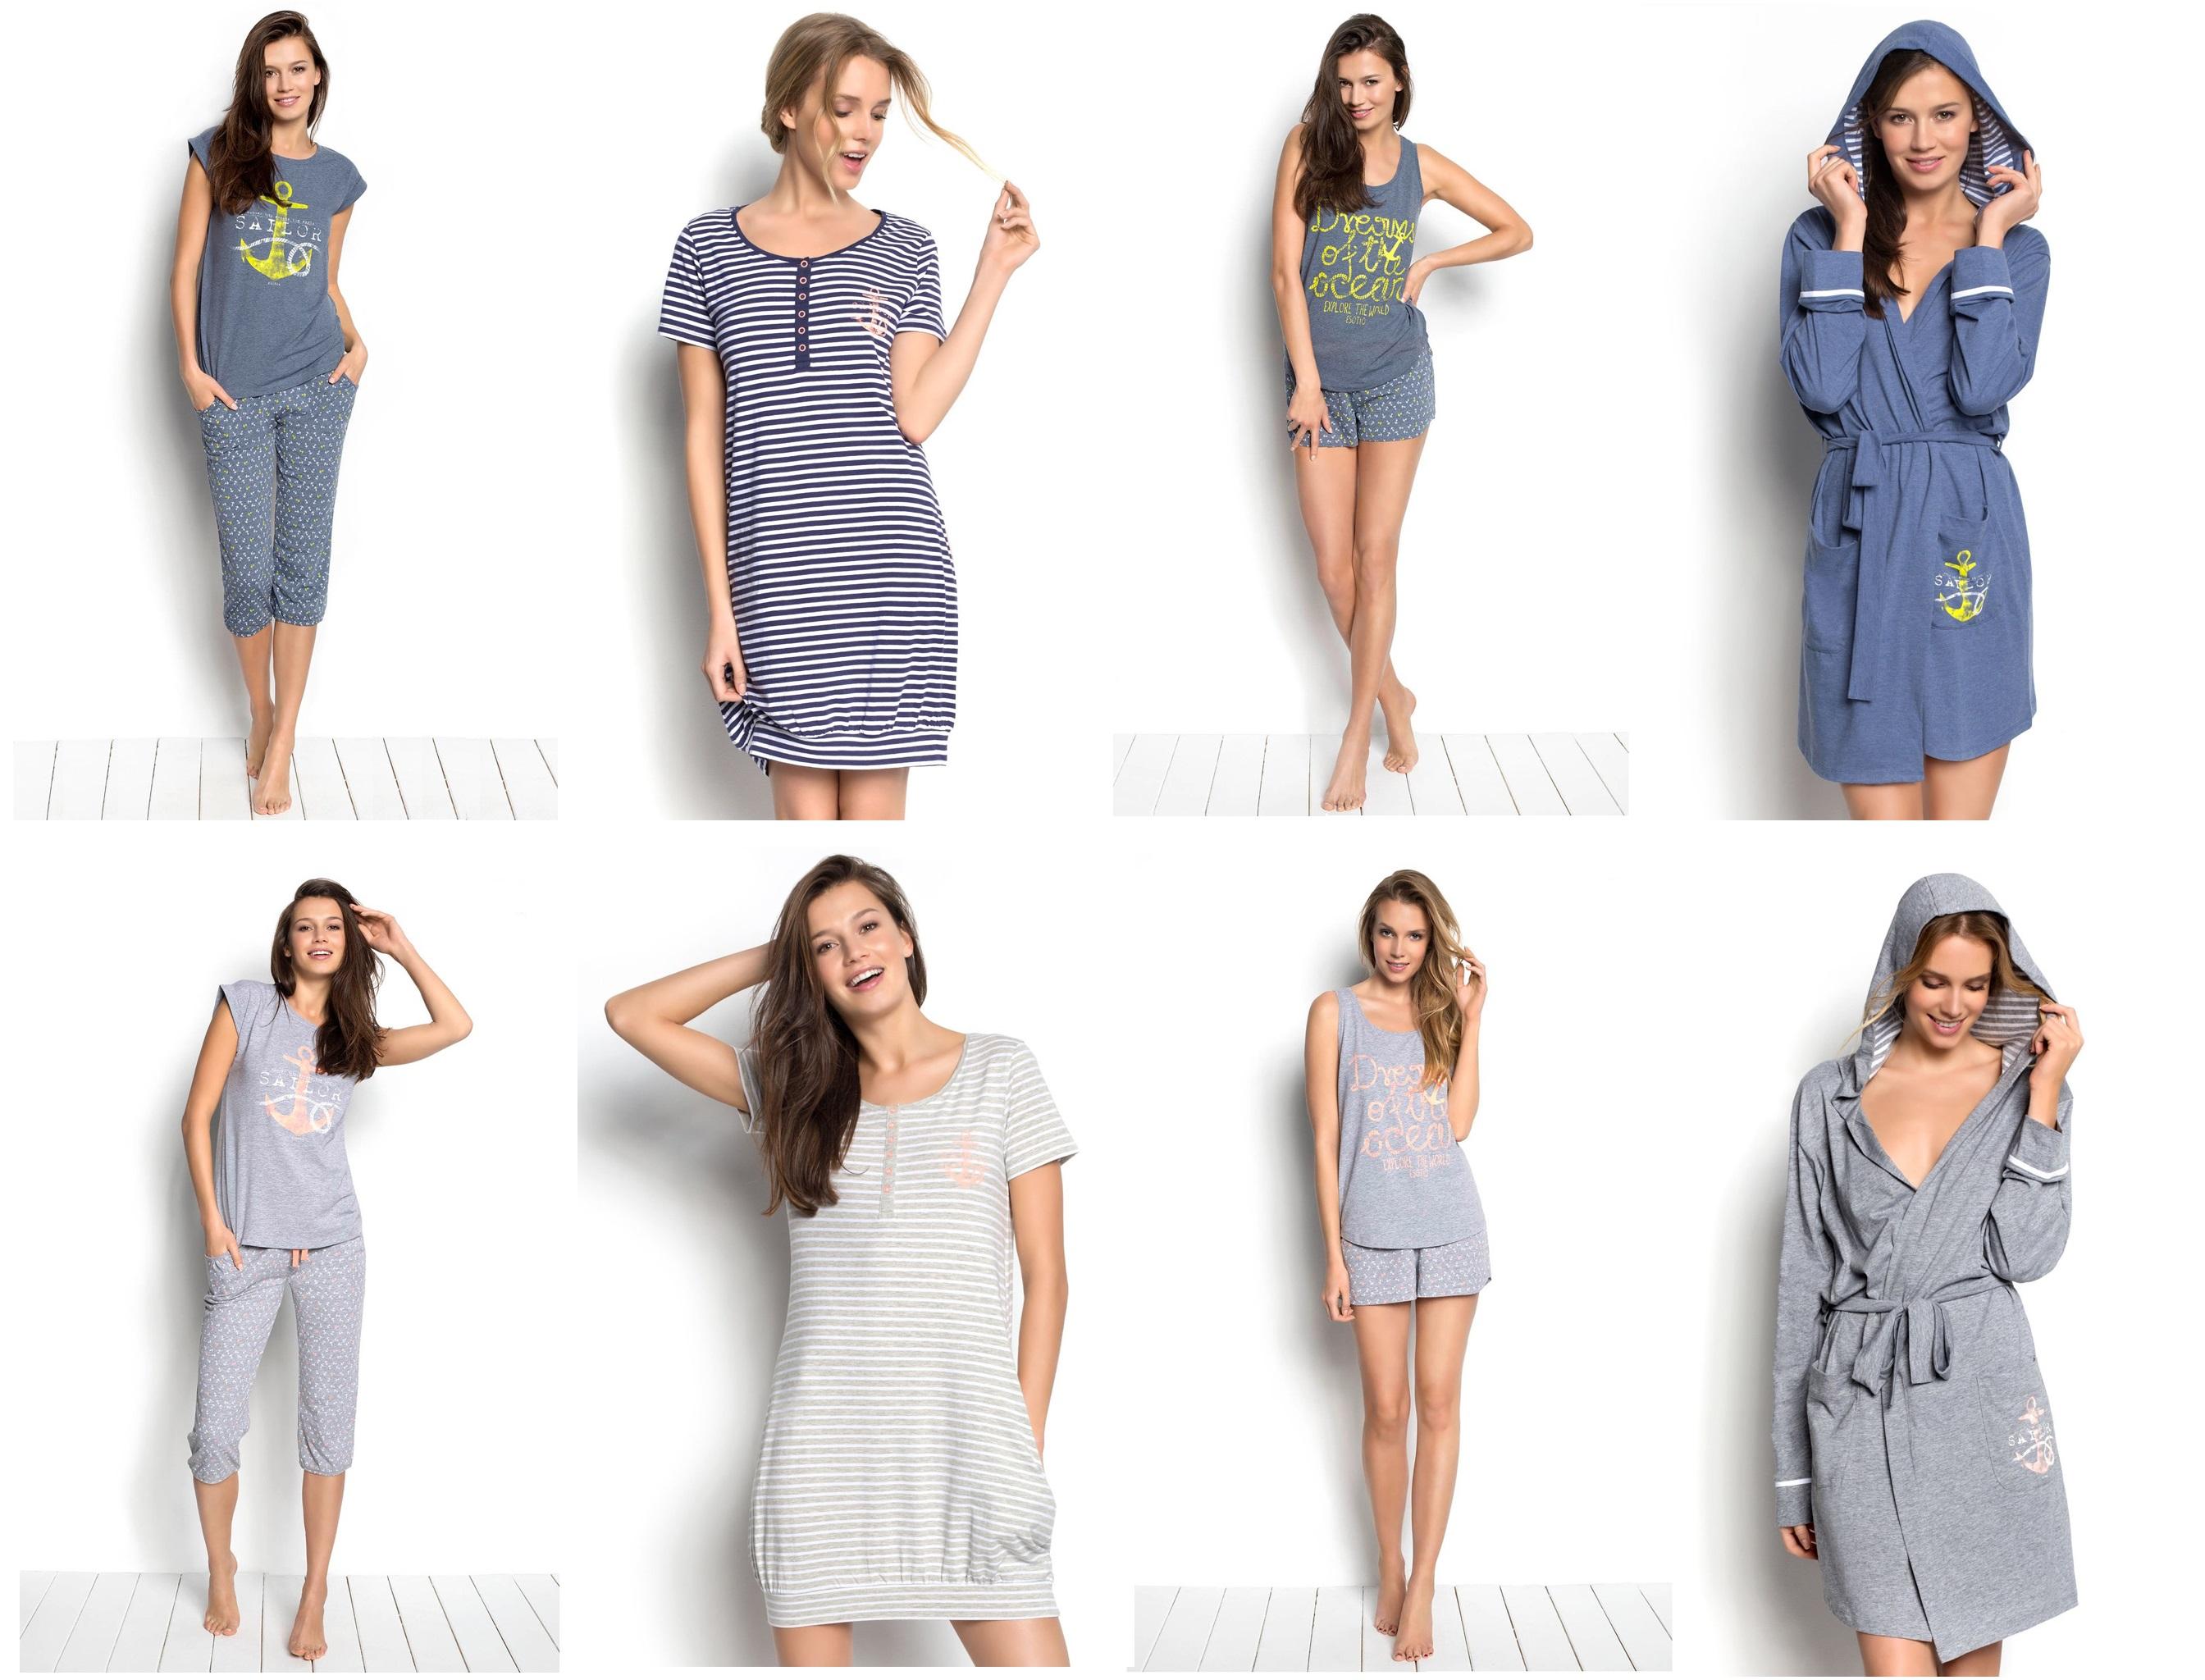 Женские сорочки, пижамы, комплекты, халаты Esotiq купить интернет-магазин